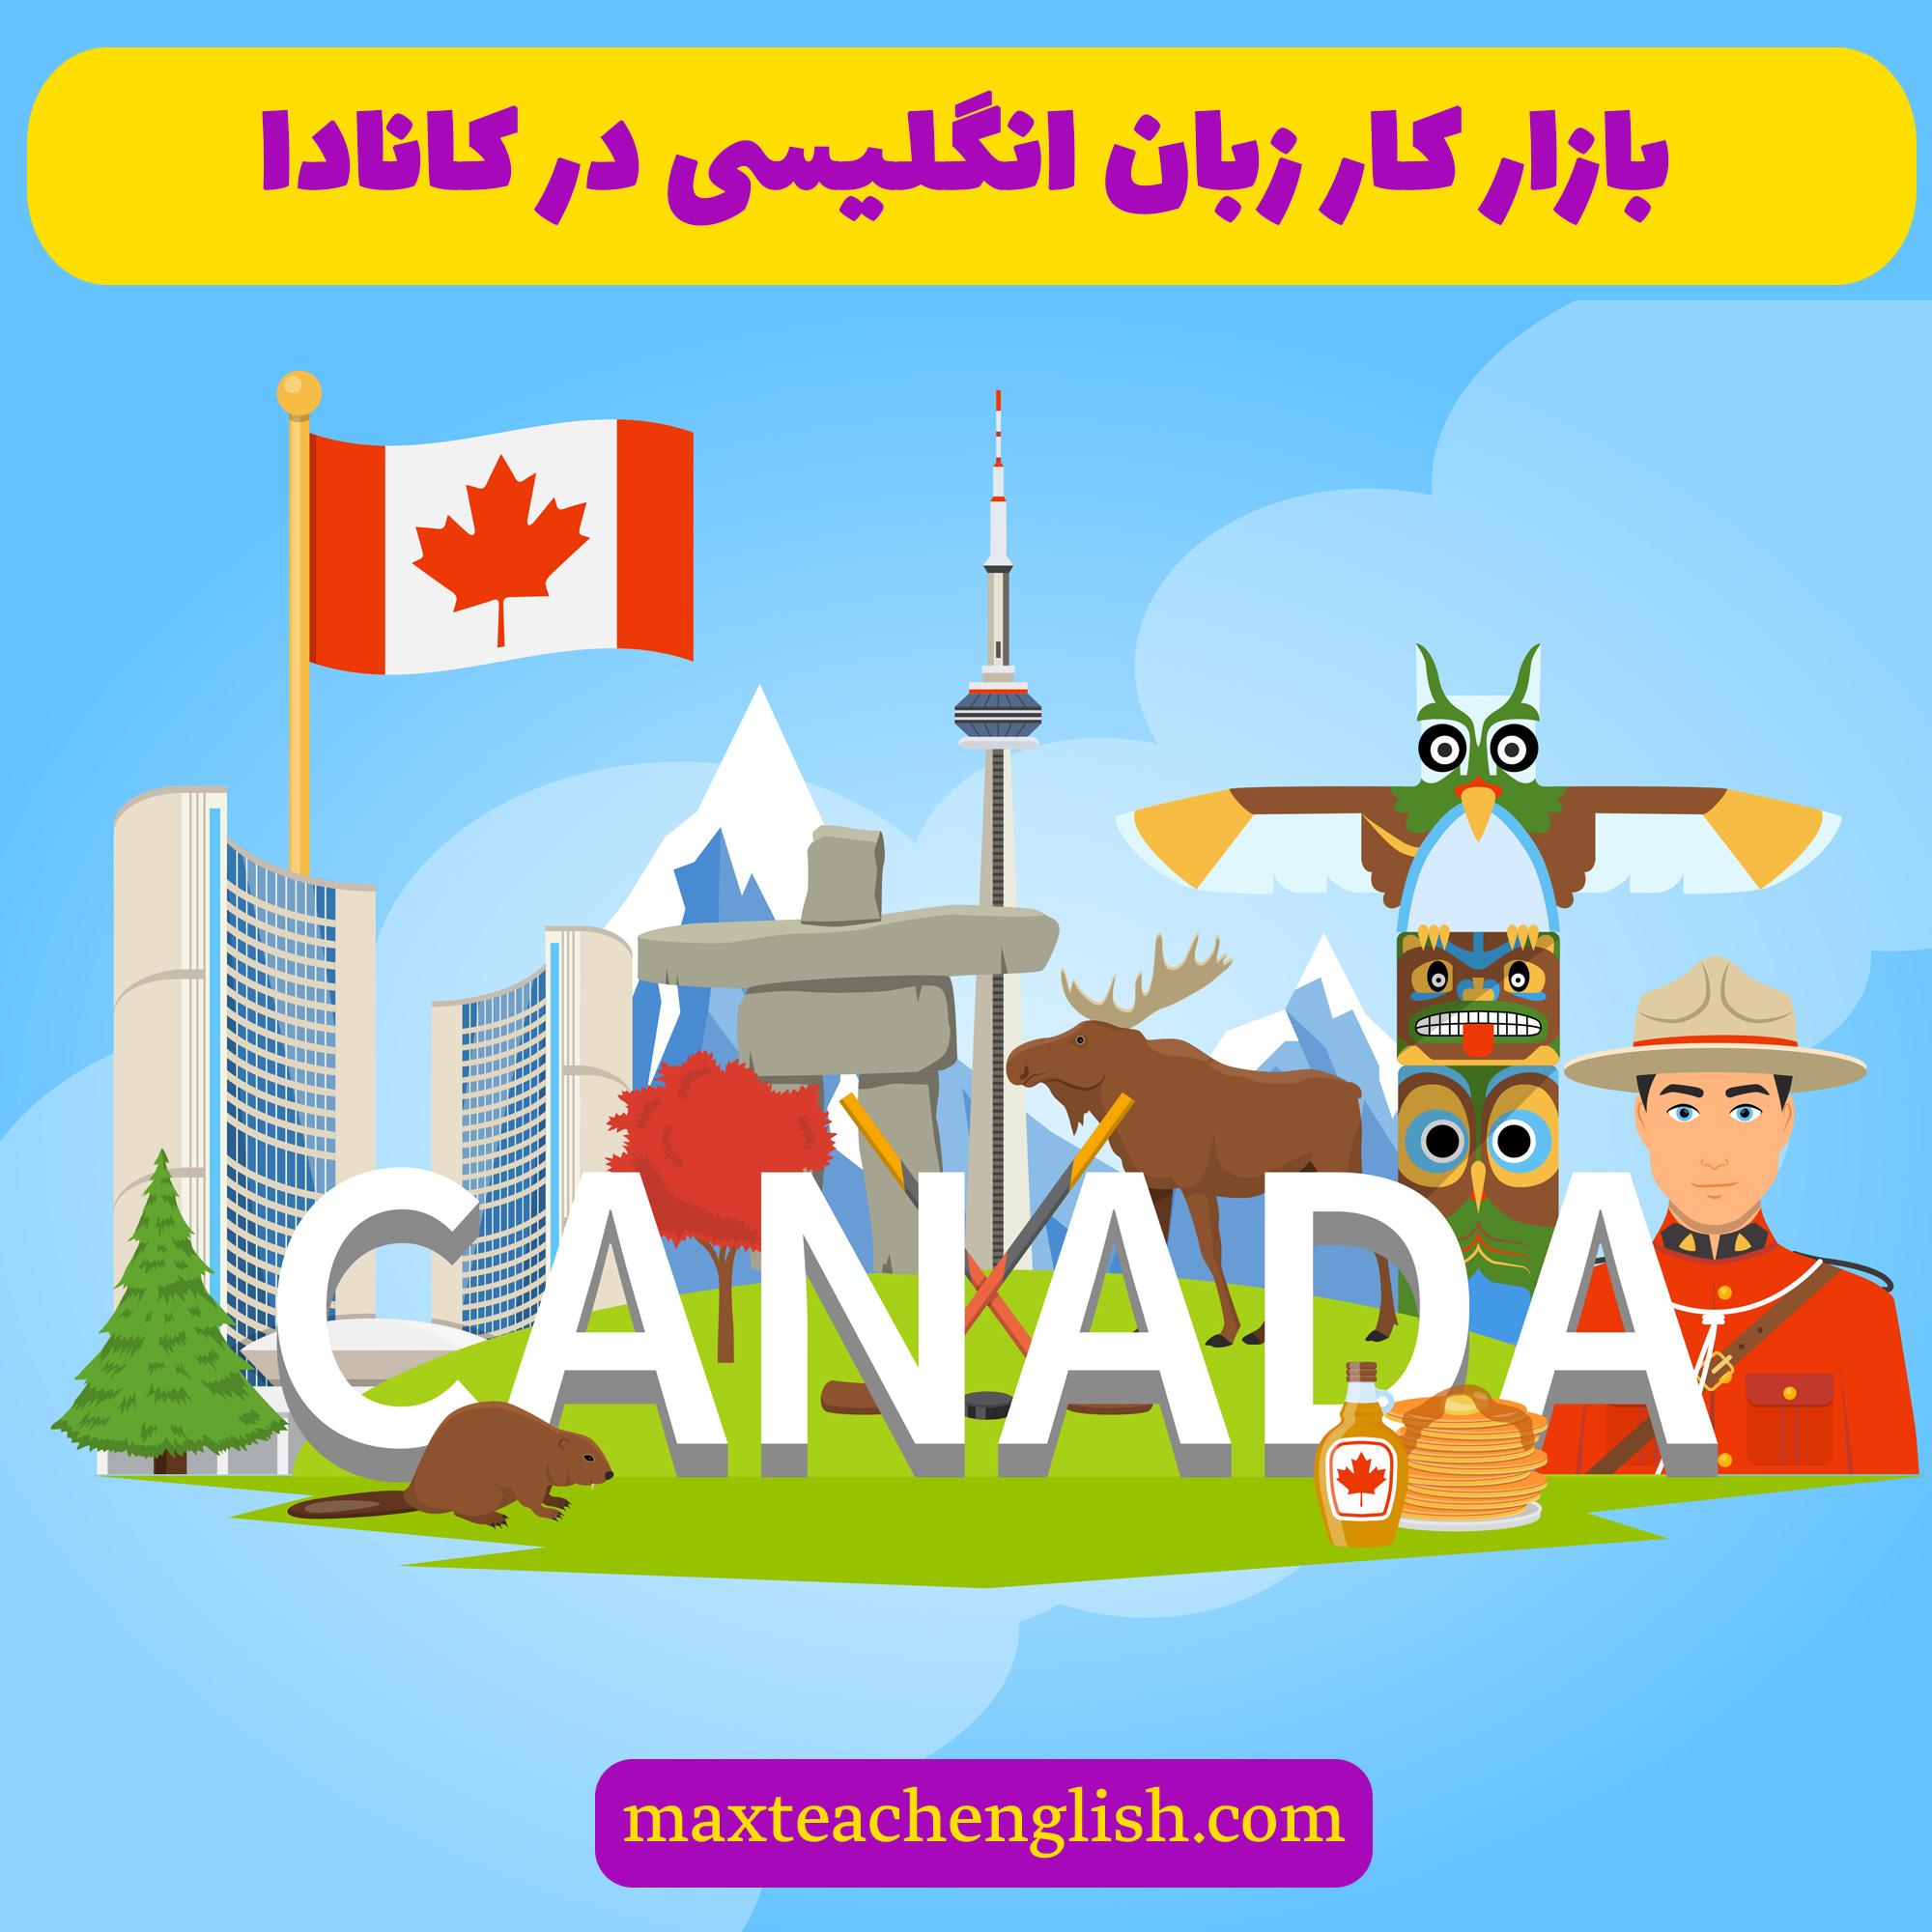 بازار کار زبان انگلیسی در کانادا